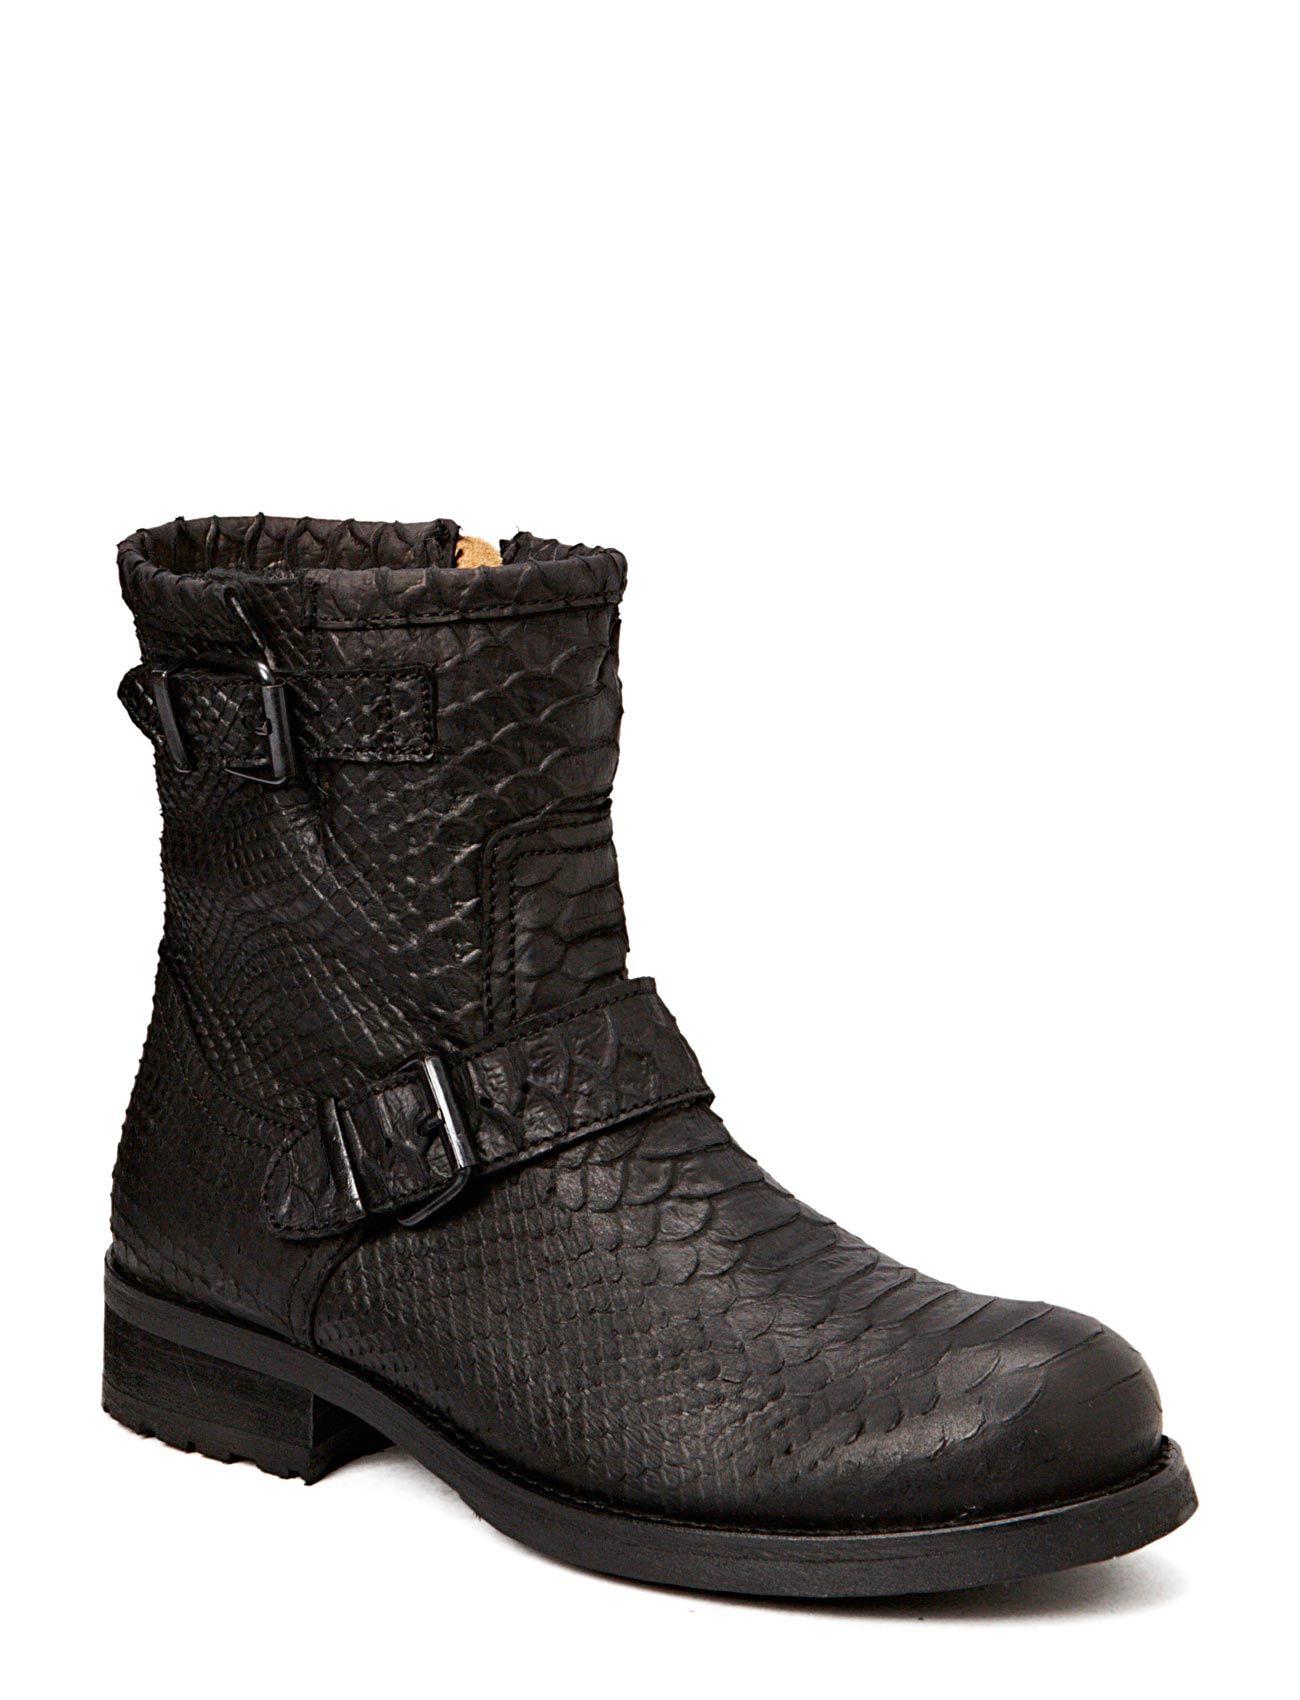 Boots - Warm Lining Billi Bi Støvler til Damer i